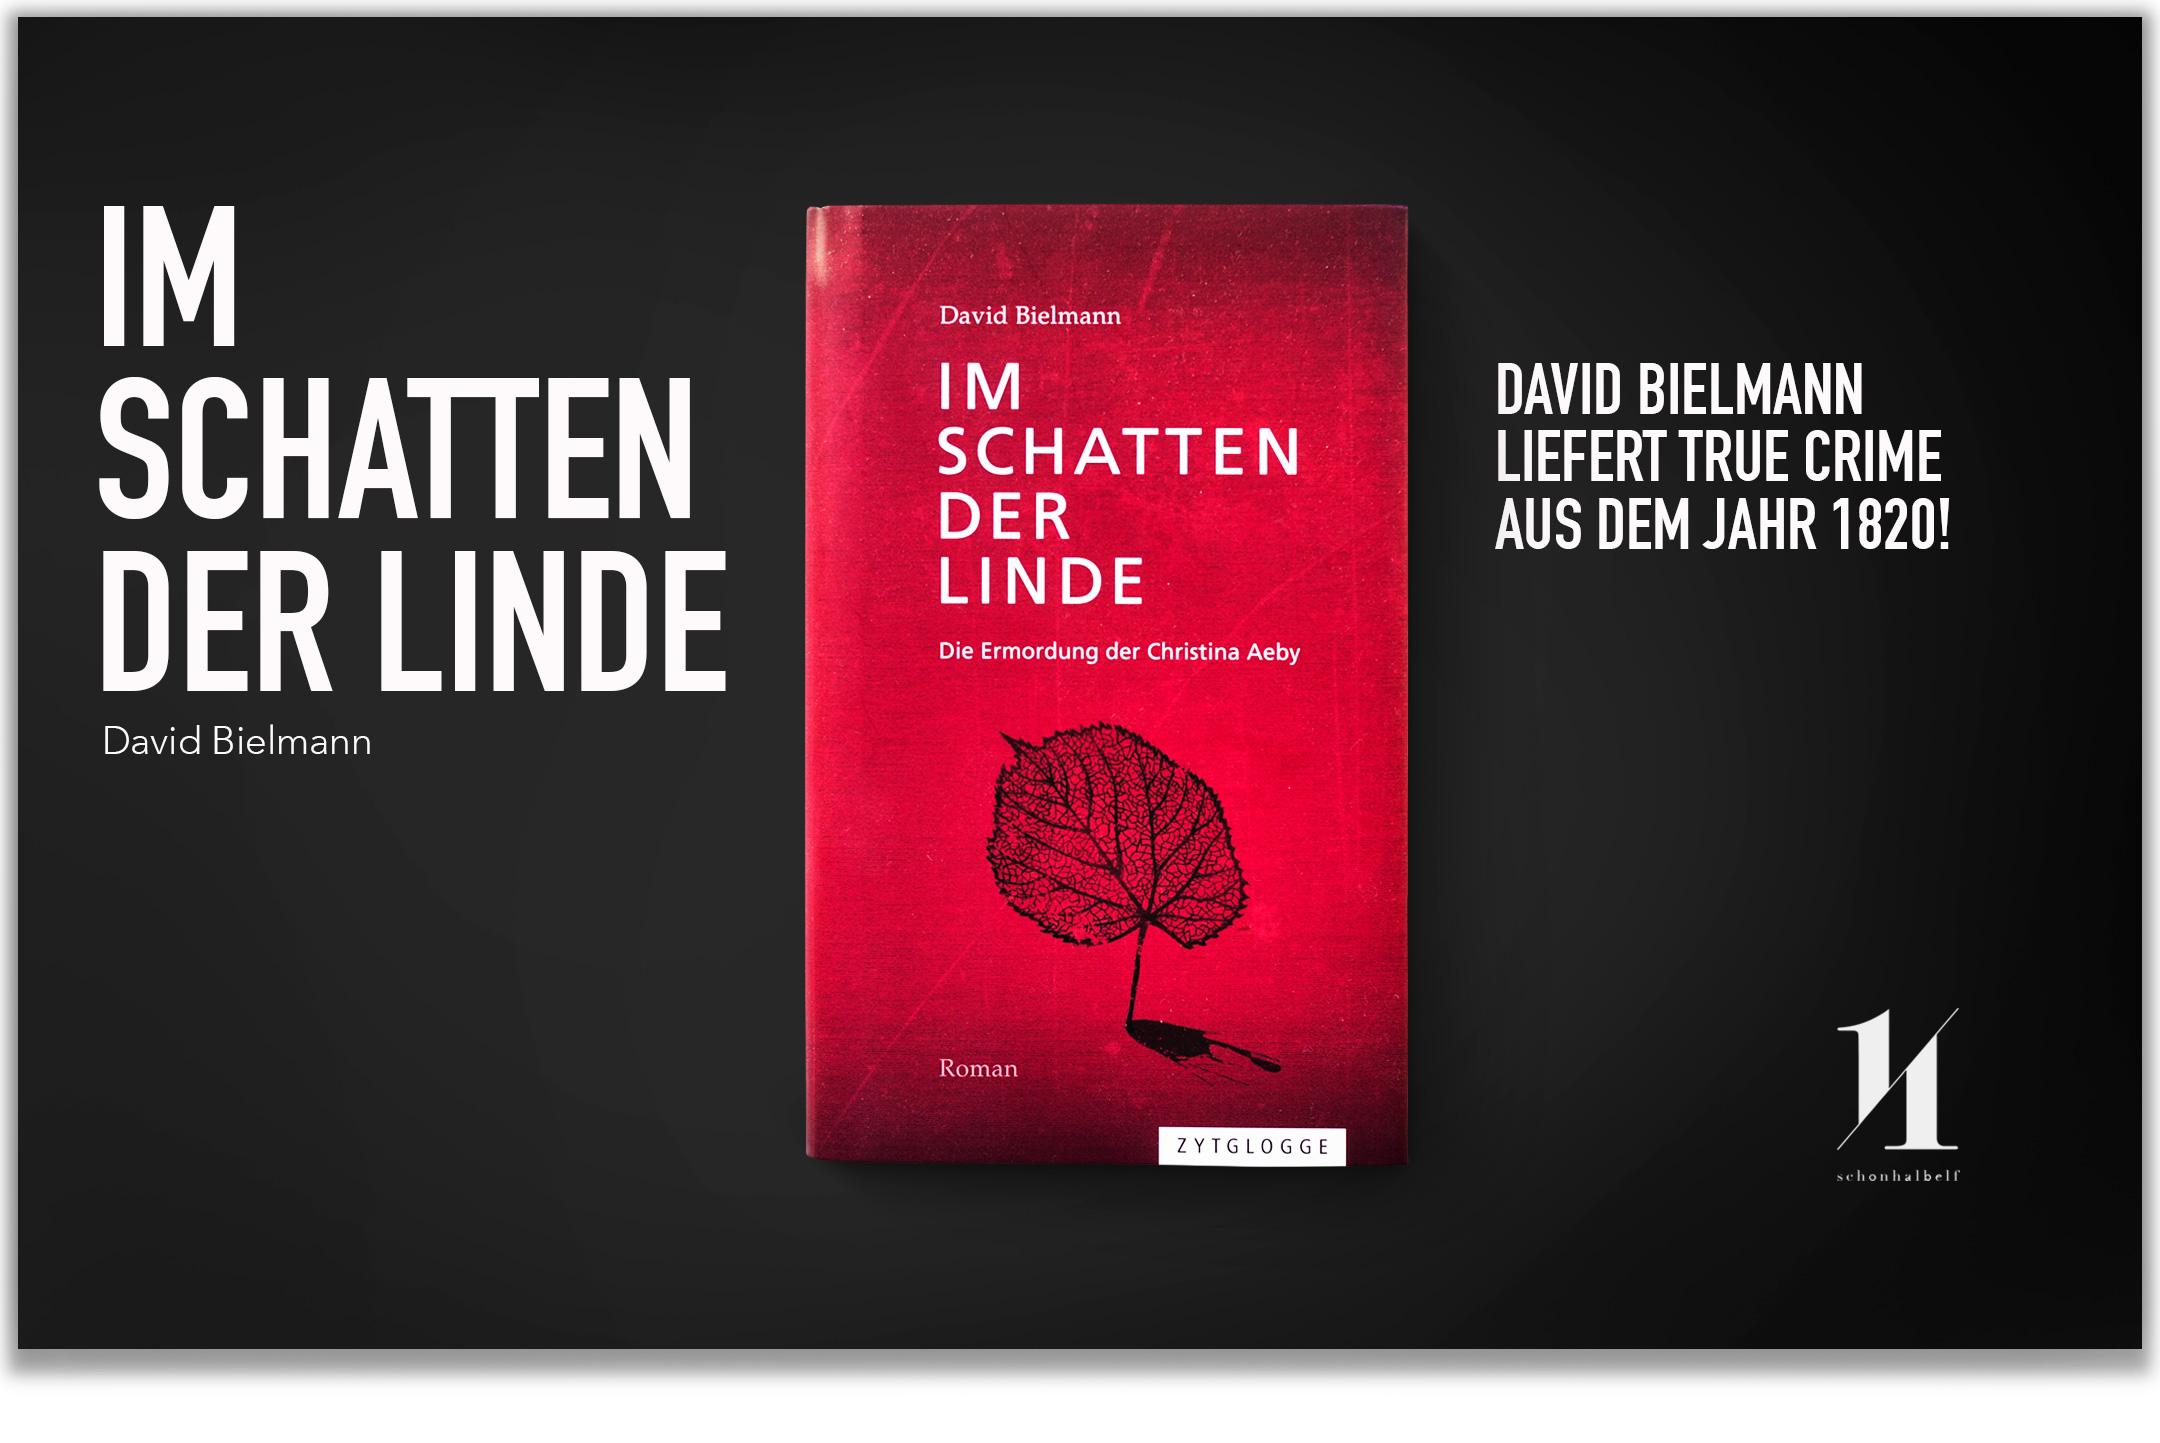 david-bielmann-im-schatten-der-welt-schonhalbelf